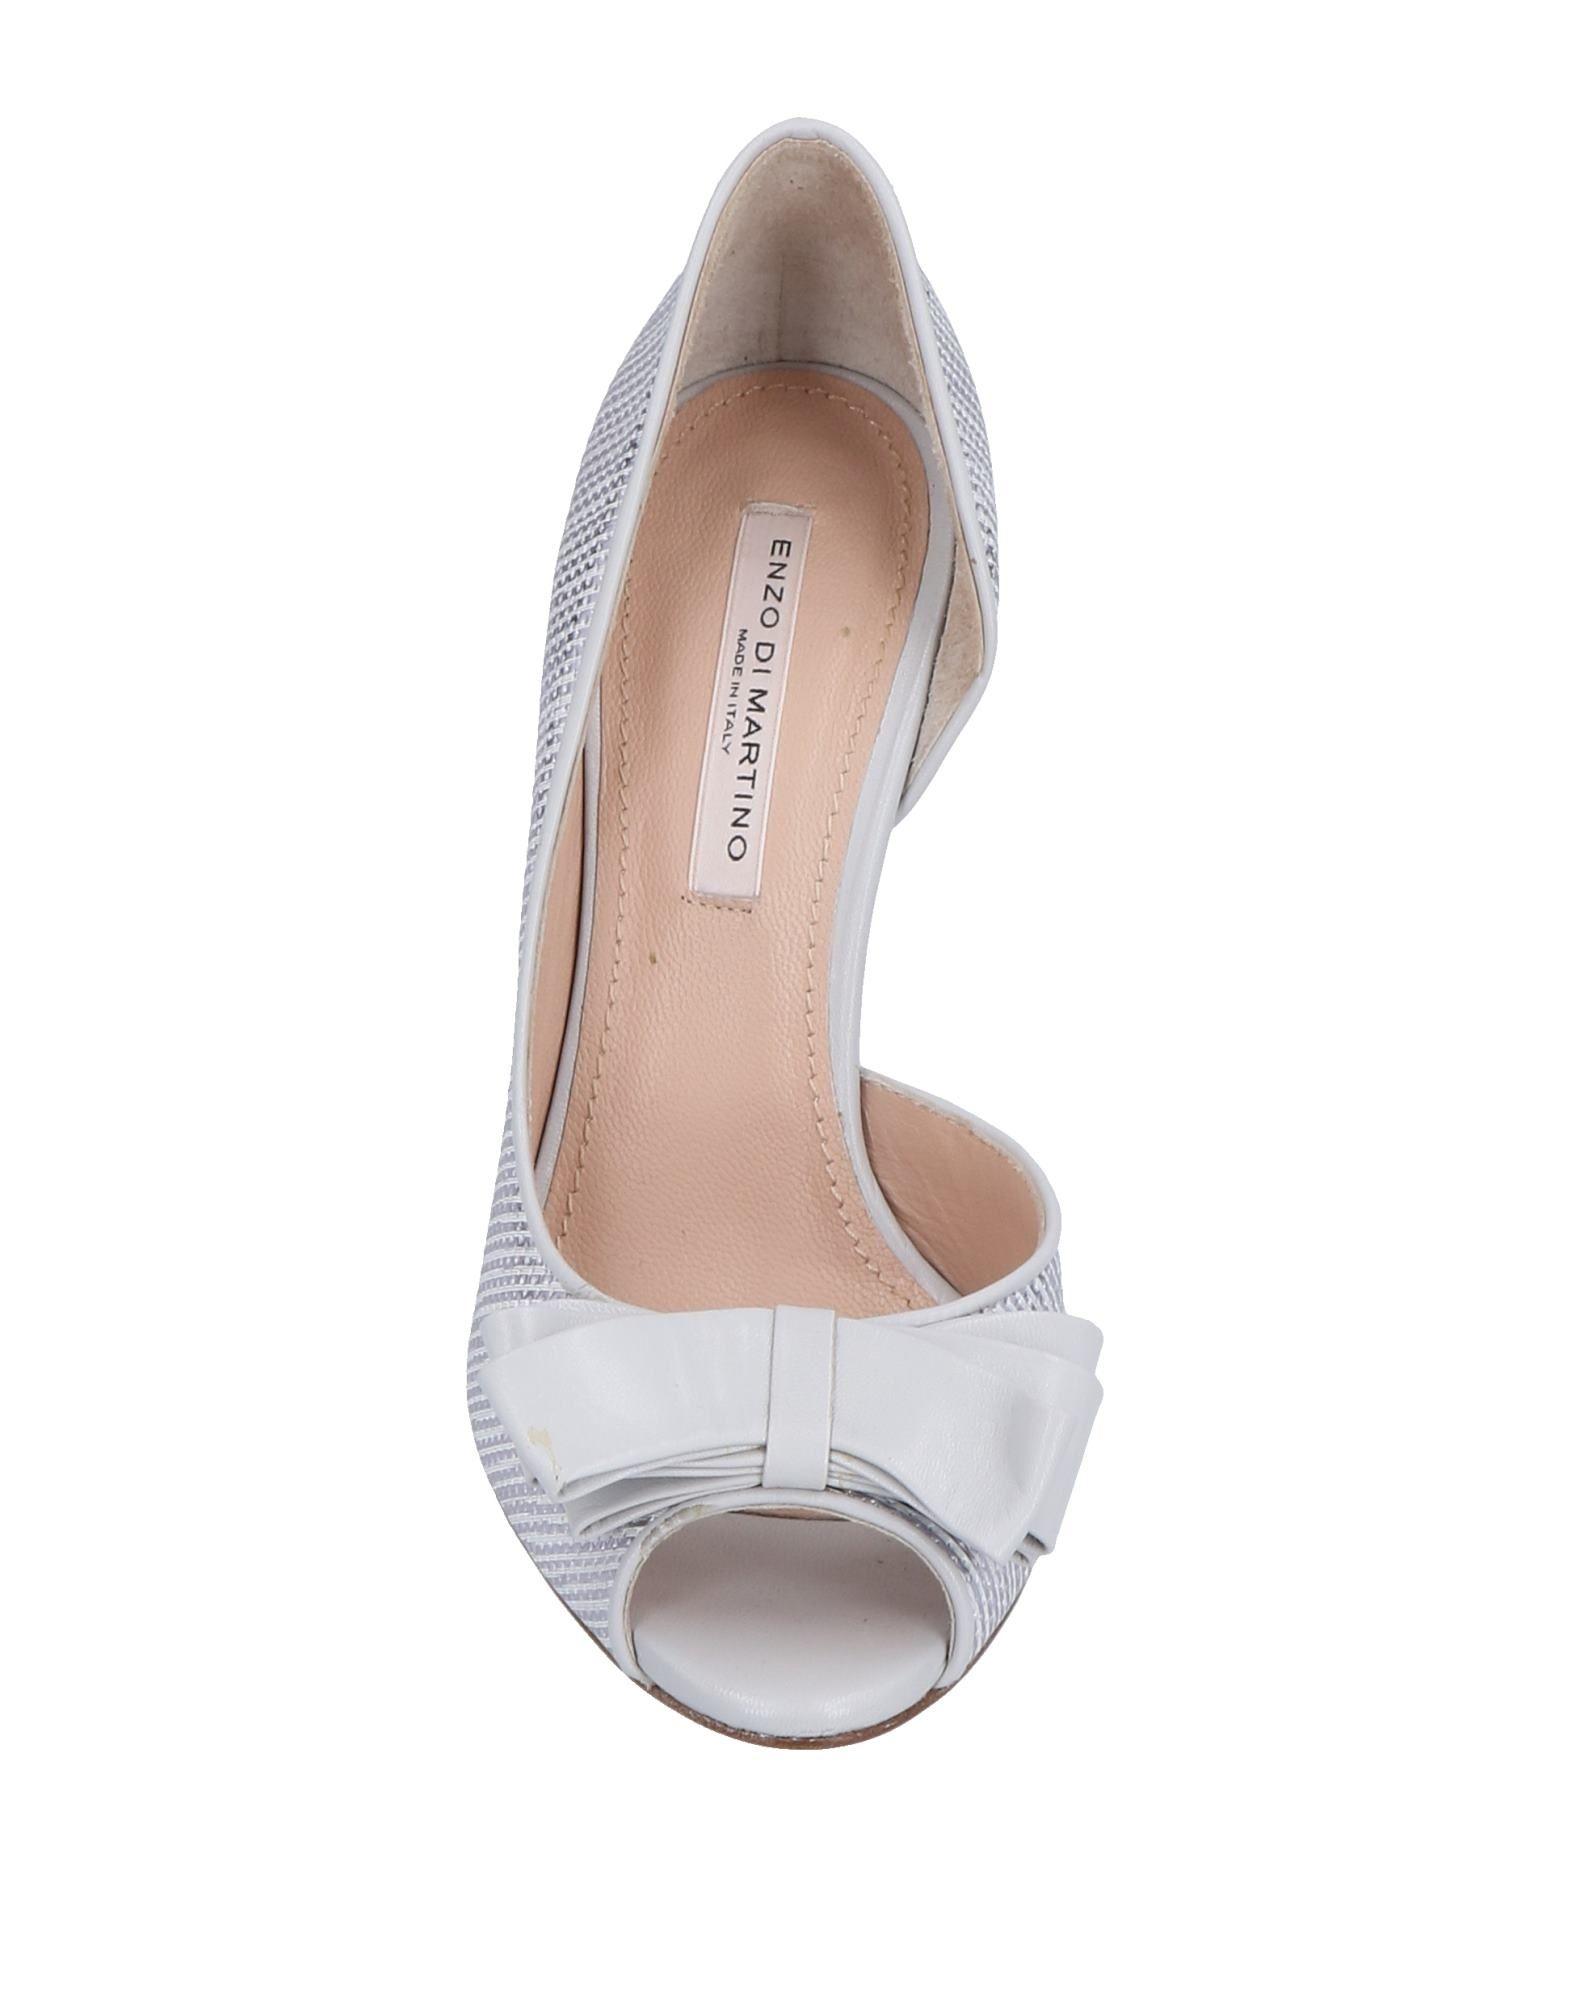 Stilvolle billige Pumps Schuhe Enzo Di Martino Pumps billige Damen  11496732SF adcb12